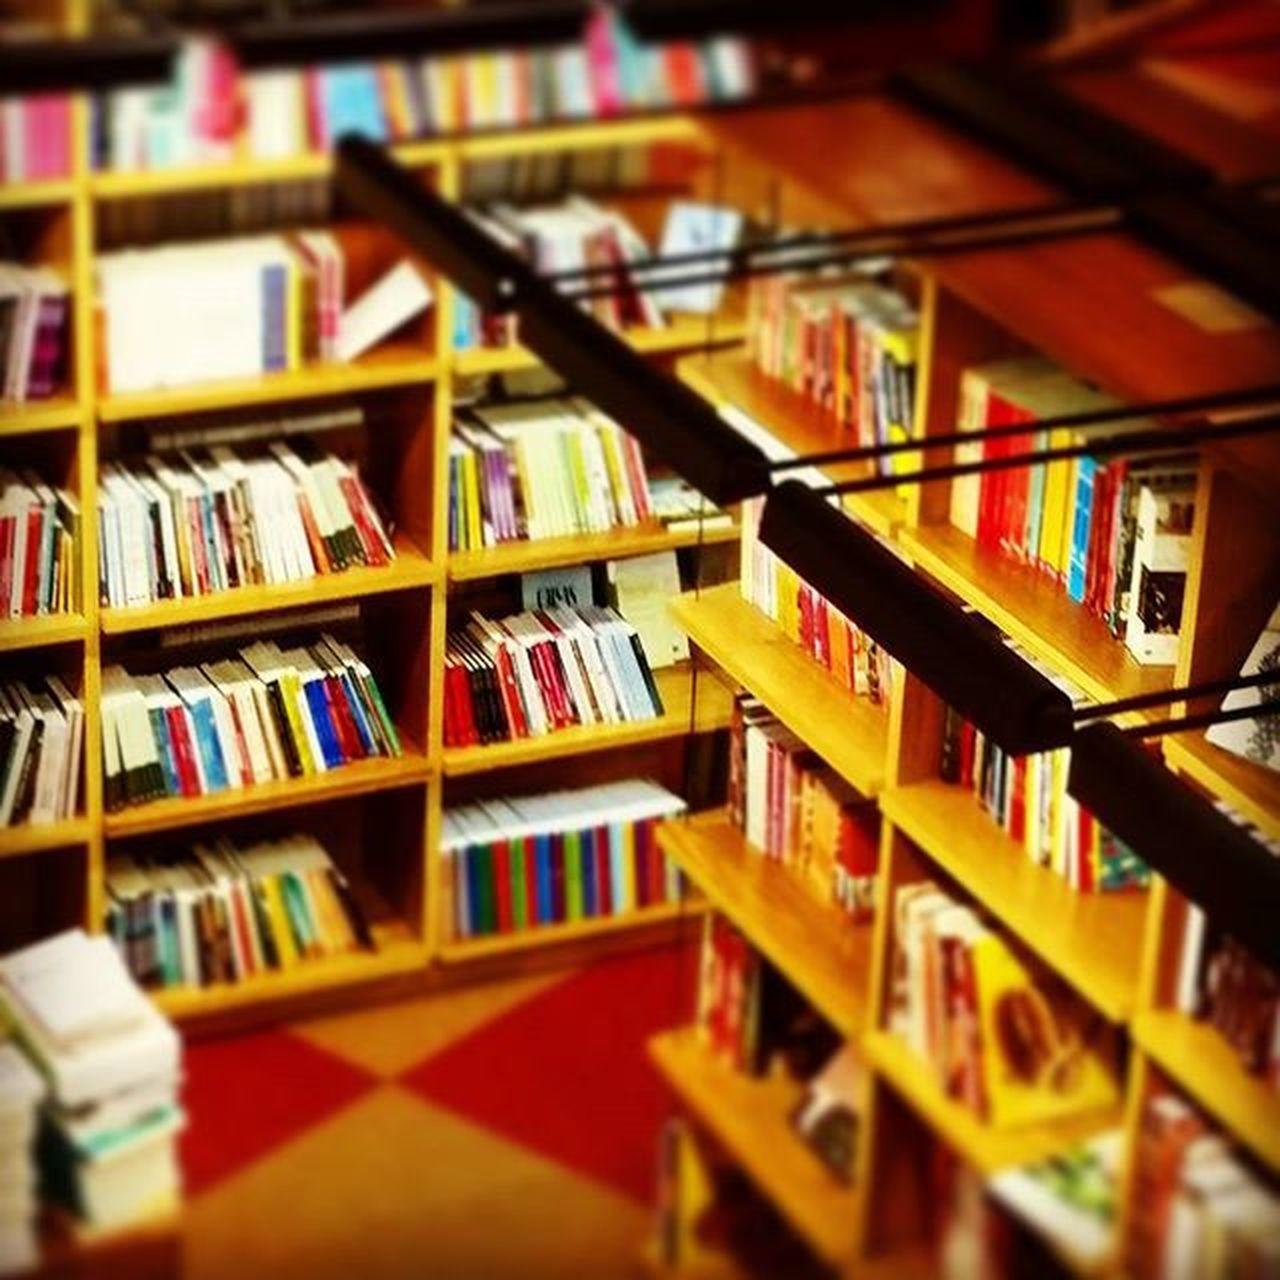 Livrariacultura Casapark Brasília Livraria livros books library